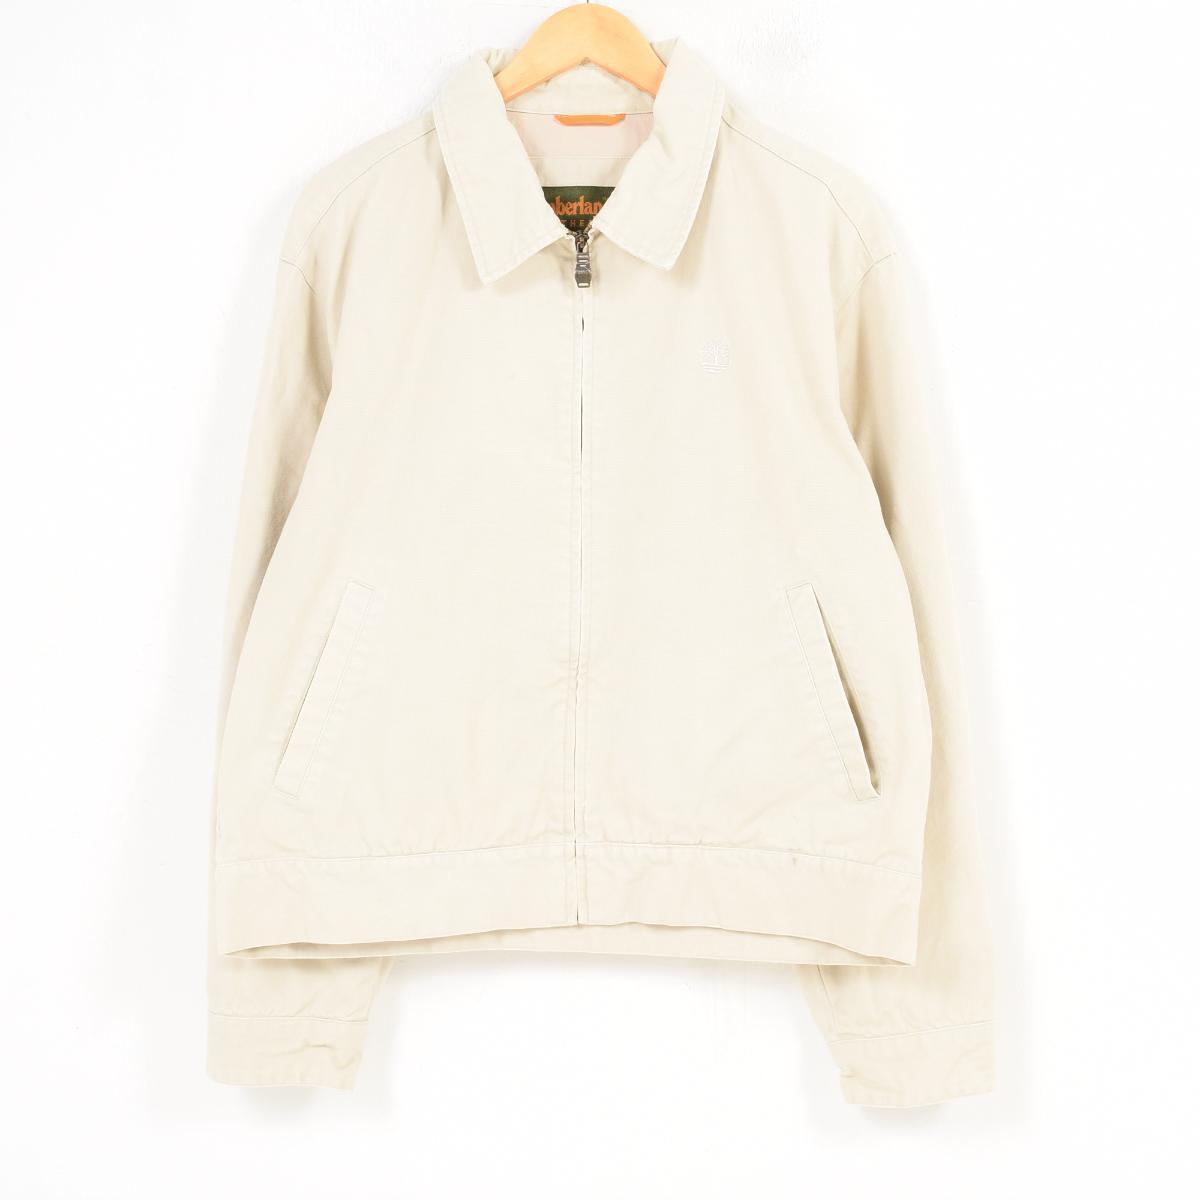 0d305fd0e36 Timberland Timberland WEATHERGEAR duck place swing top sports jacket men XL  /wat8992 ...